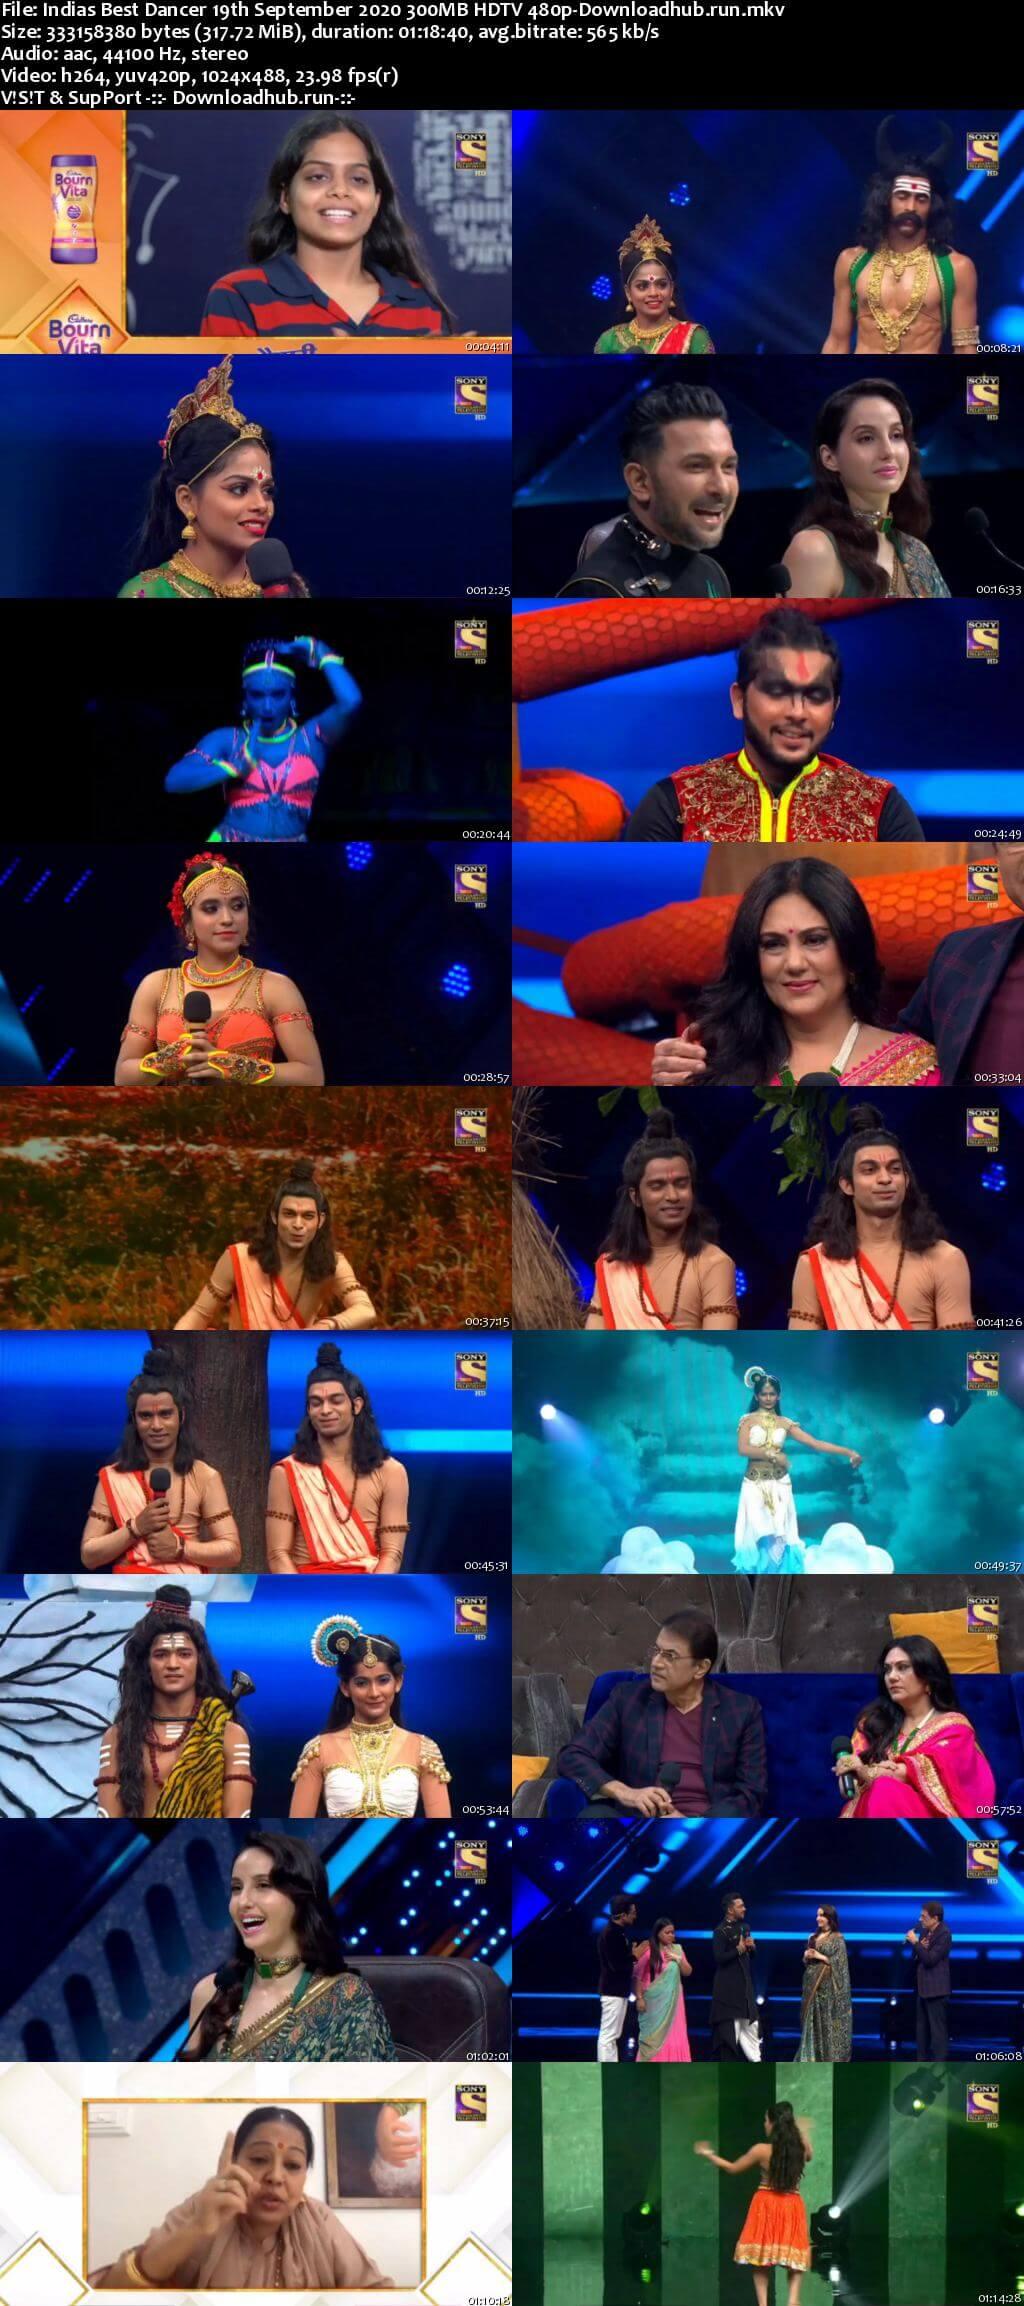 Indias Best Dancer 19 September 2020 Episode 29 HDTV 480p